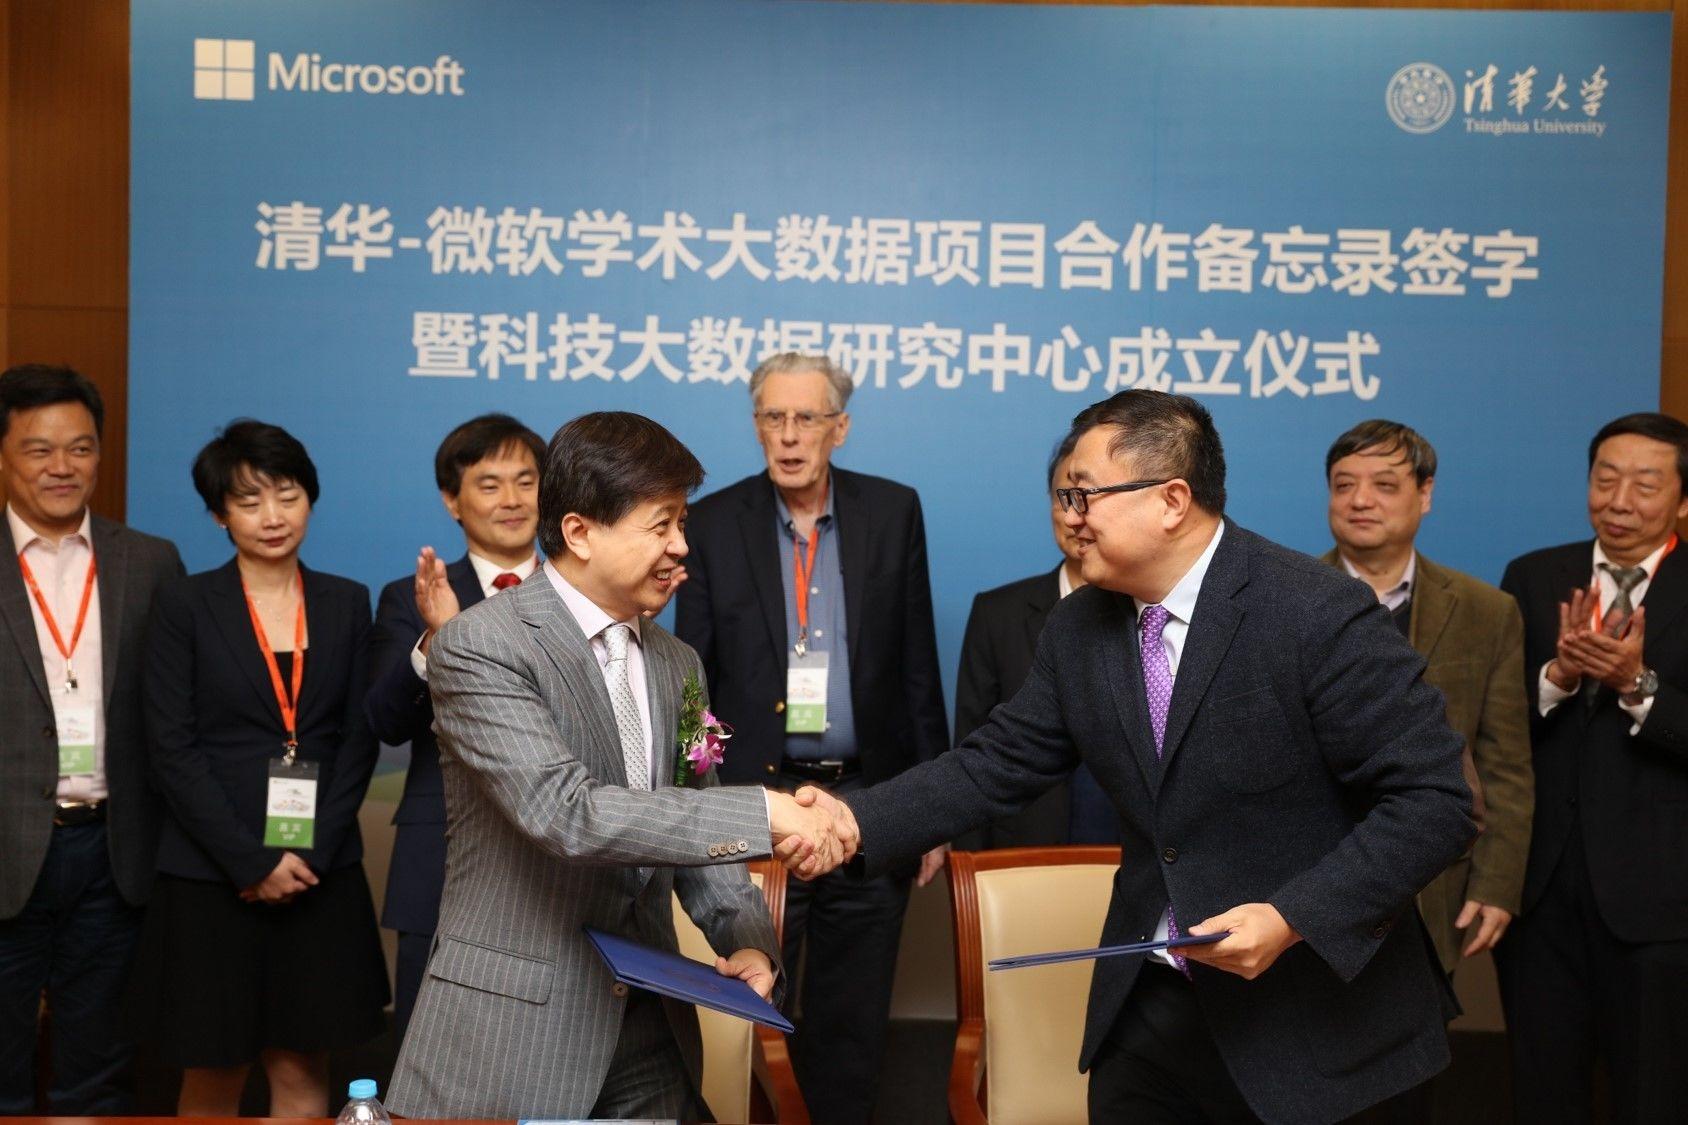 微软携手清华大学打造学术搜索平台